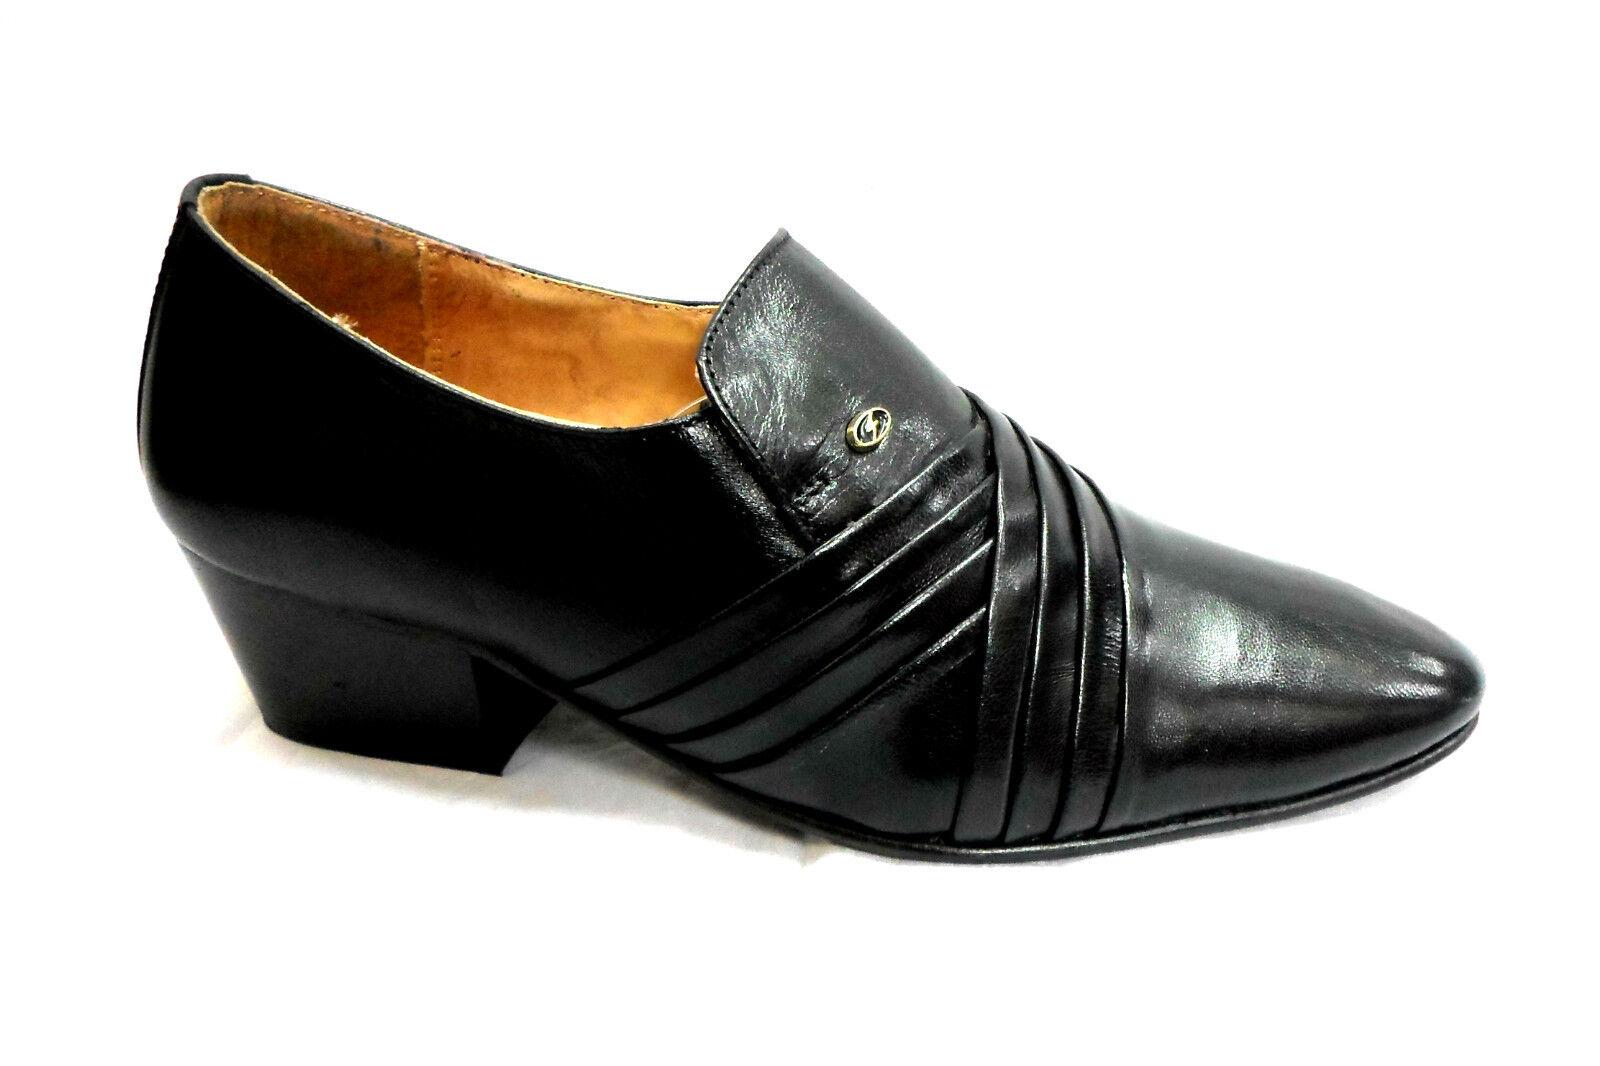 mens filanto black soft leather wide smart formal